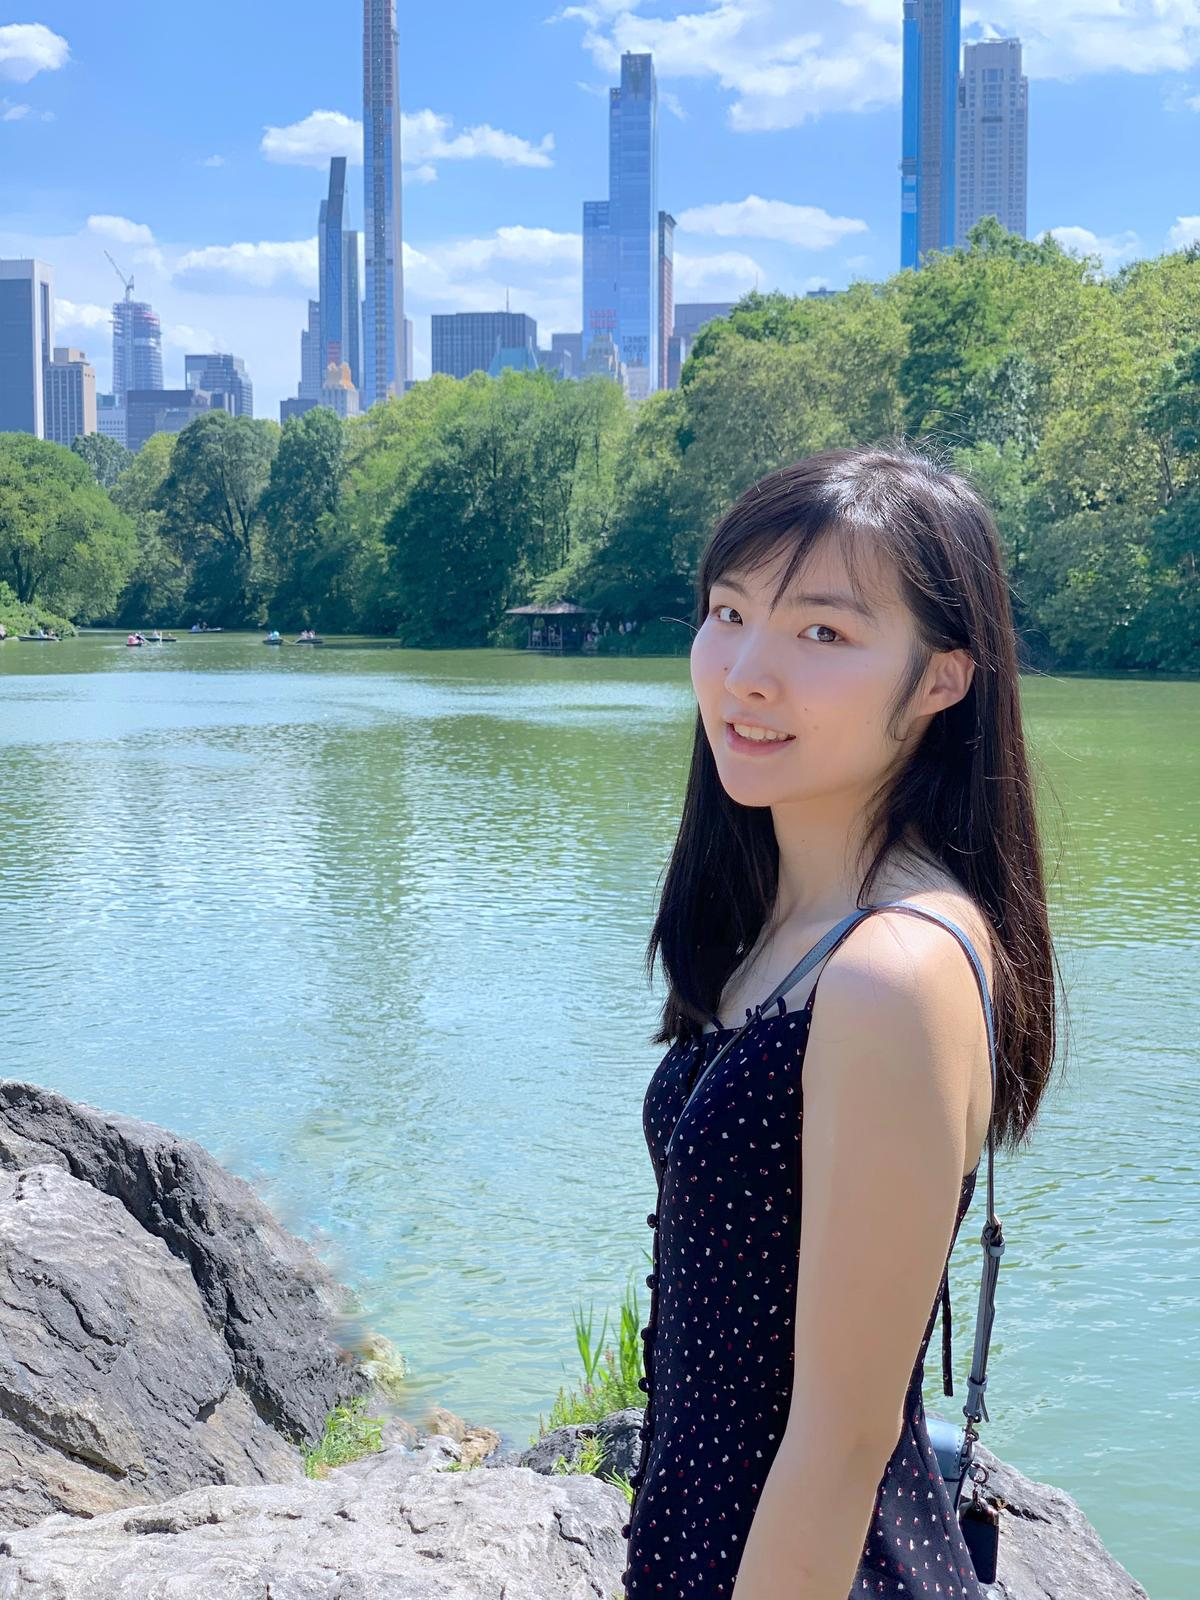 Yuxin Ji